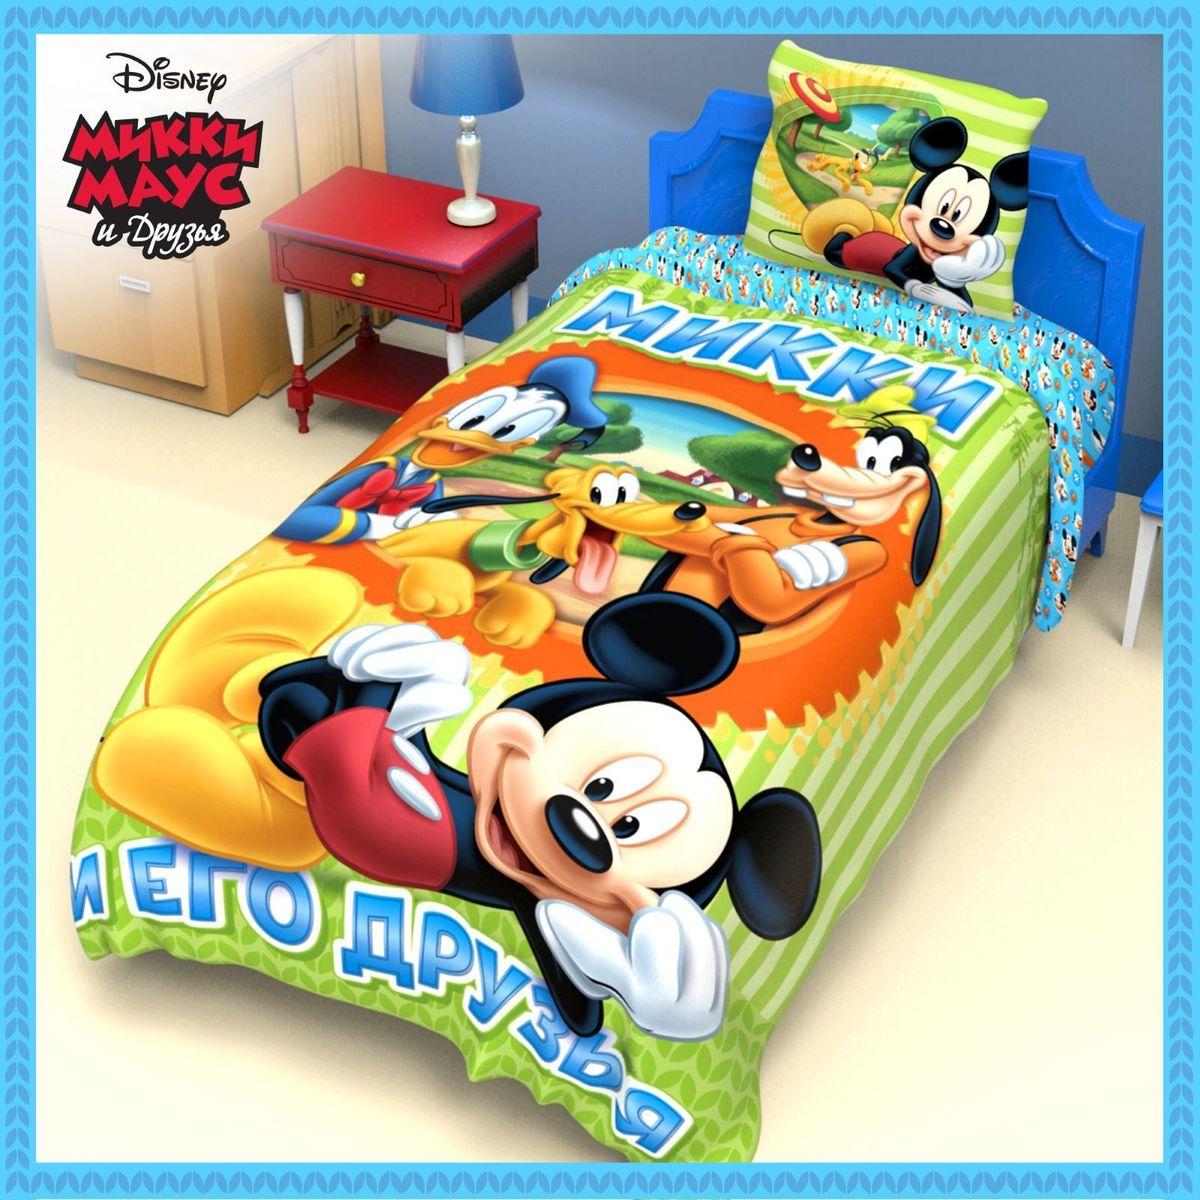 Disney Комплект детского постельного белья Микки Маус и его друзья 1,5 спальное1149313Disney совместно с ТМ «Этель» представляет коллекцию детского постельного белья с изображением популярных анимационных персонажей. Осуществите заветную мечту ребёнка, позвольте ему окунуться в волшебный мир сказок, где любимые персонажи создадут атмосферу тепла и уюта для вашего малыша. Постельное бельё изготовлено из уникального мягкого, тонкого и прочного материала — поплин (100% хлопок, 125 г/м2). Ткань создаётся из высоких сортов хлопка, нить получается плотная и гладкая. Такая ткань лучше прокрашивается, рисунок держится дольше и не выстирывается, ткань износостойкая и не даёт усадку. В производстве белья используется современное оборудование и технологии, а также безопасные красители. Профессиональные дизайнеры совместно с Disney разрабатывают дизайн каждого комплекта с особым вдохновением, тщательностью и заботой.